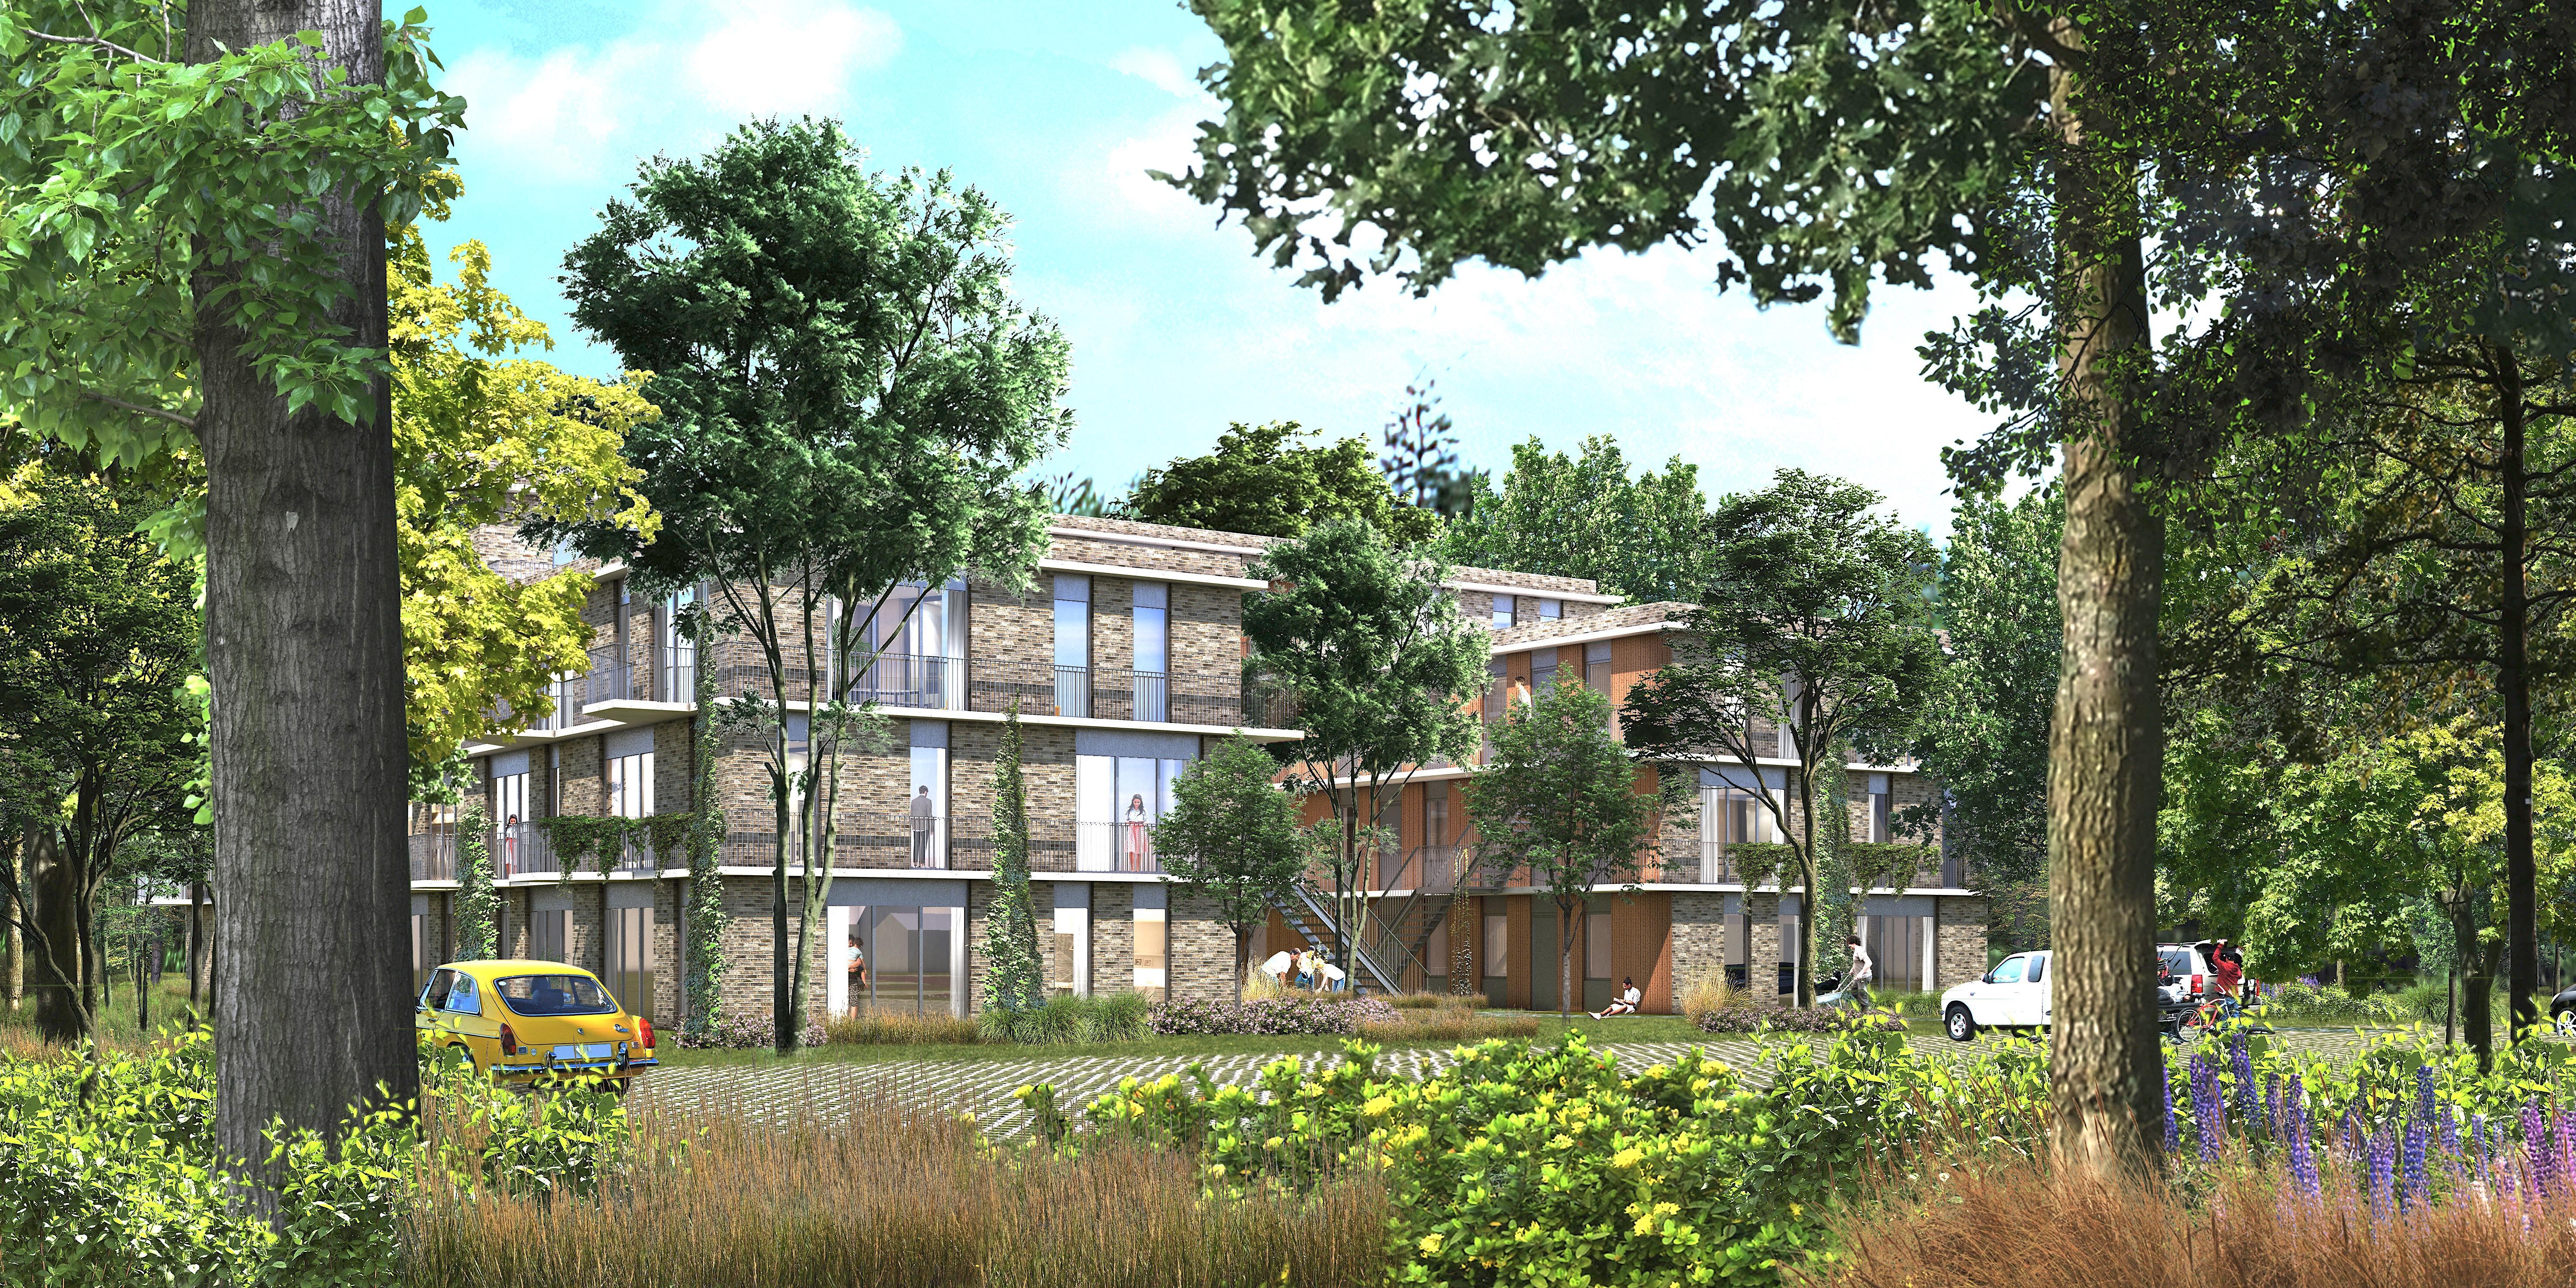 Gebouw in 'De Rimboe' wordt gesloopt en er komen vijftig nieuwe appartementen, zo is het plan van Kennemer Wonen